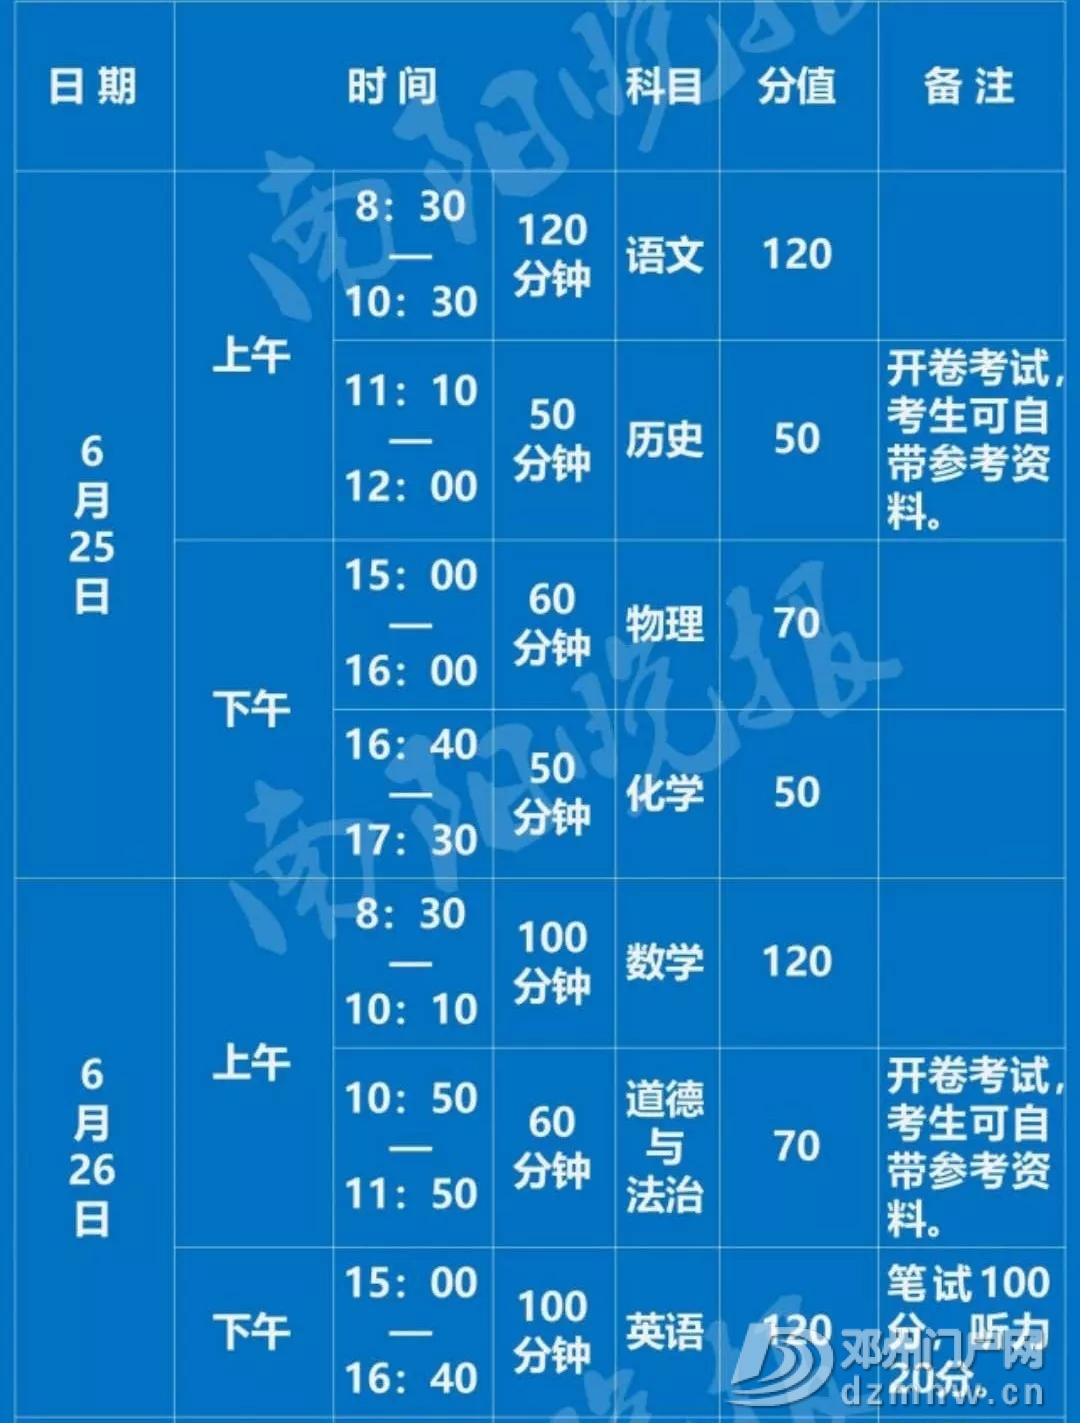 邓州2019年中考时间表及考点信号屏蔽公告 - 邓州门户网|邓州网 - 6402.webp4.jpg